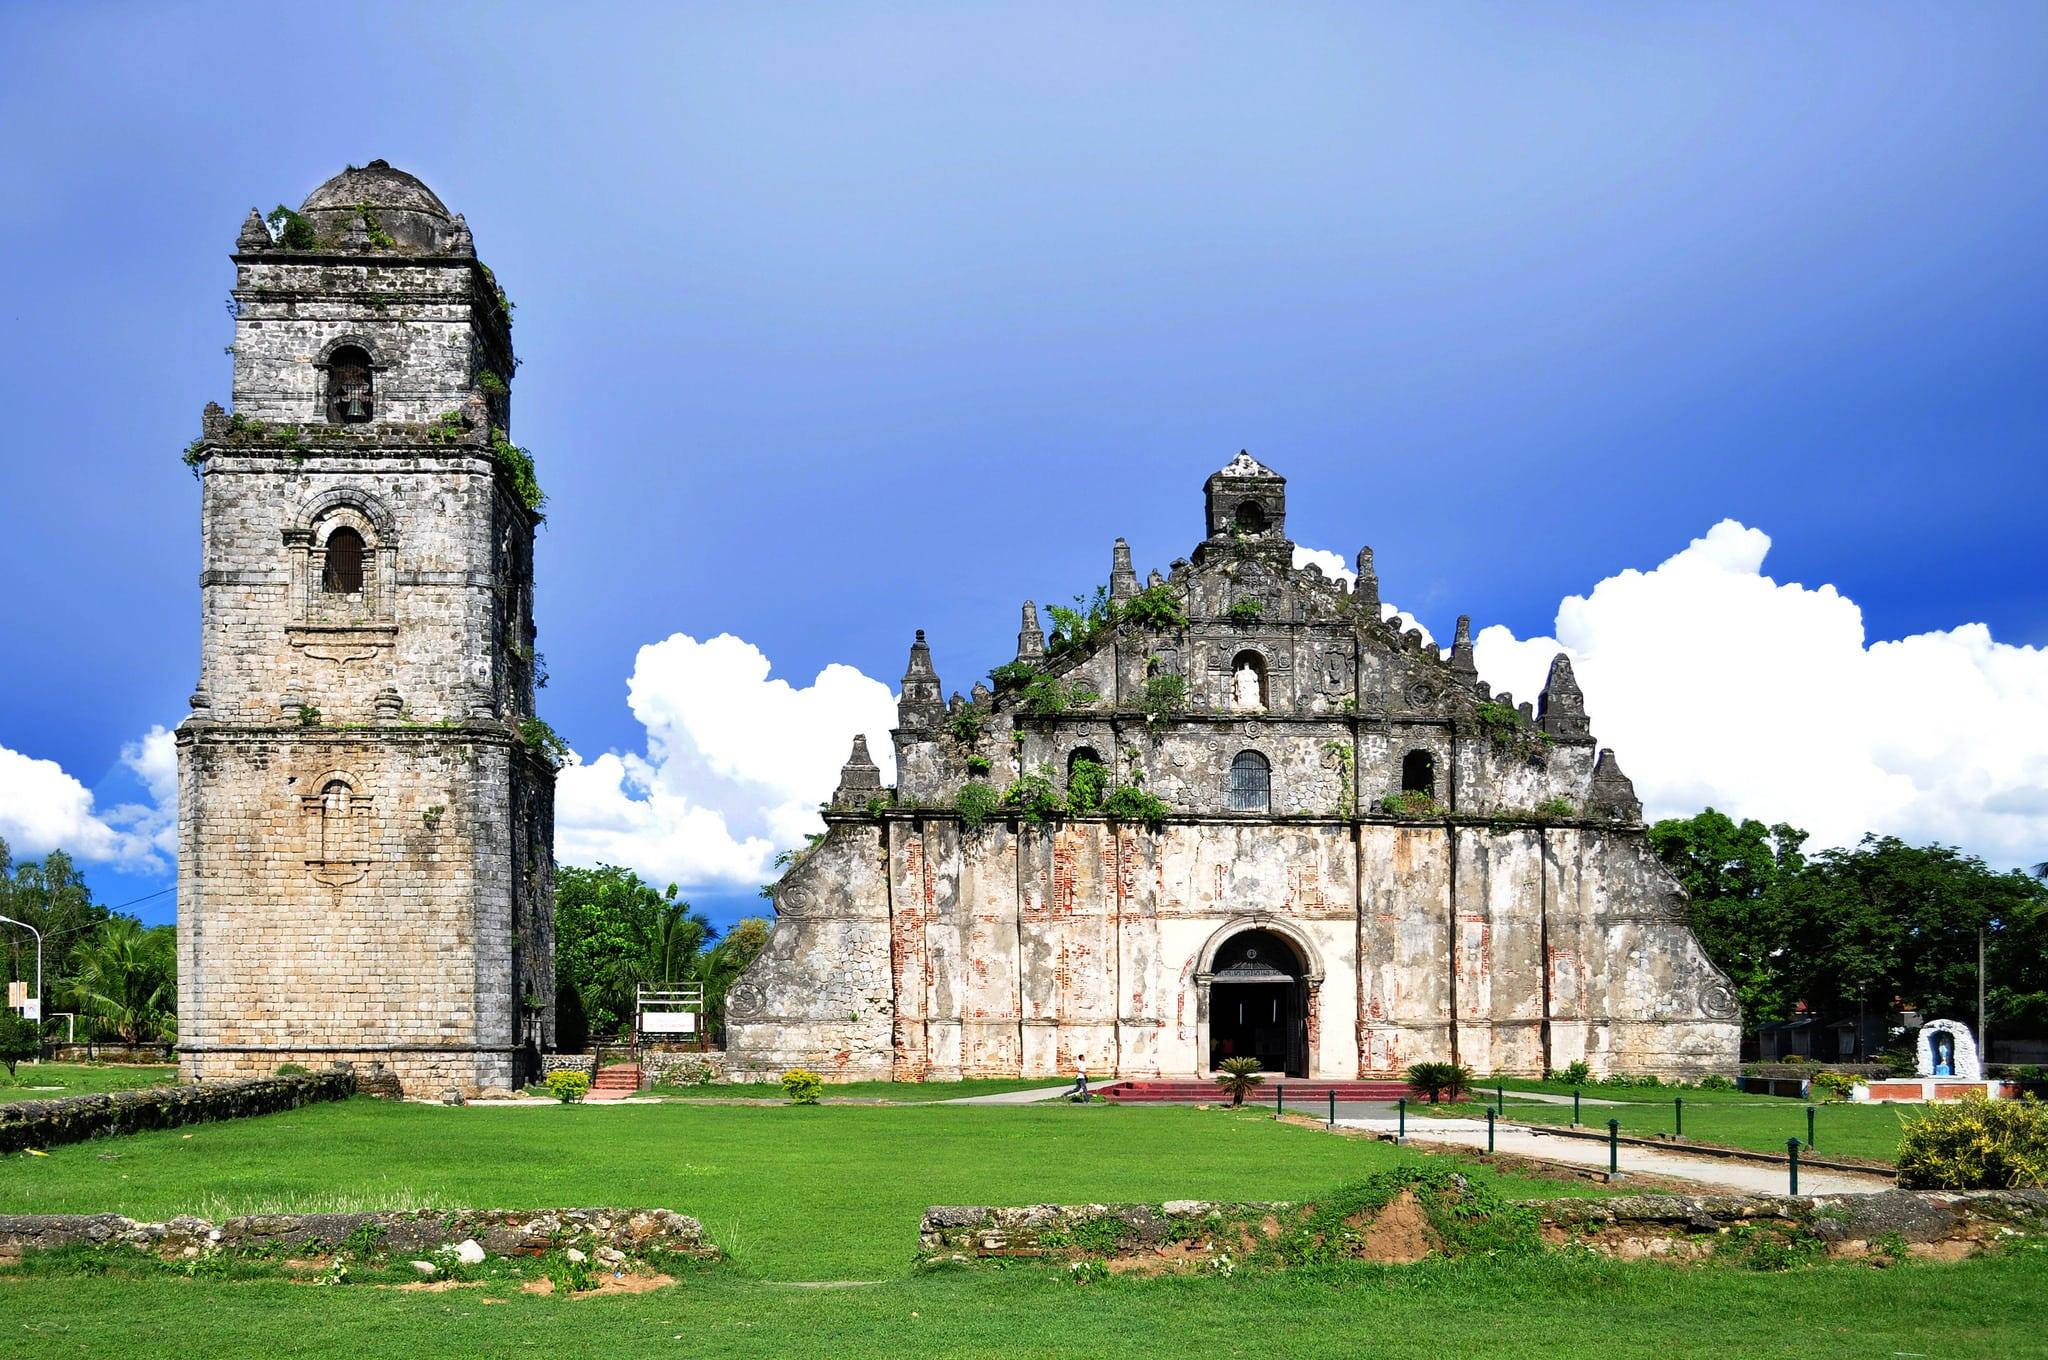 San Agustin Church, things to do in Laoag, tourist spots in Ilocos Norte, Ilocos Norte Tourist spots